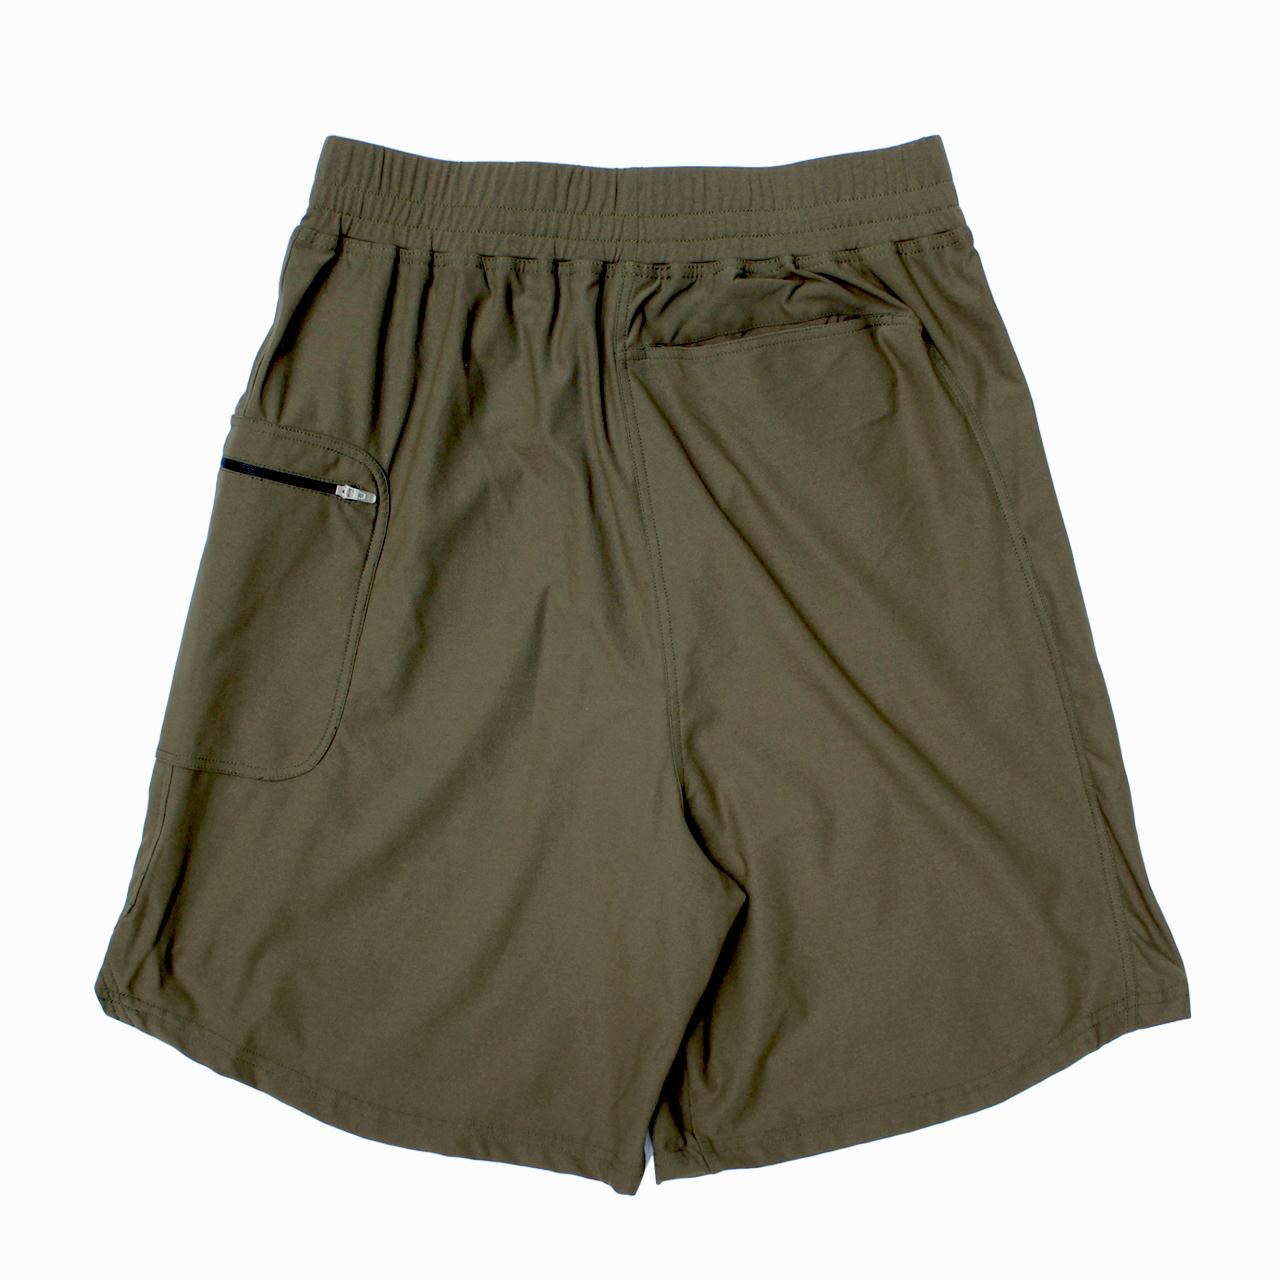 LOGO street shorts <Khaki×Khaki>  - 画像2